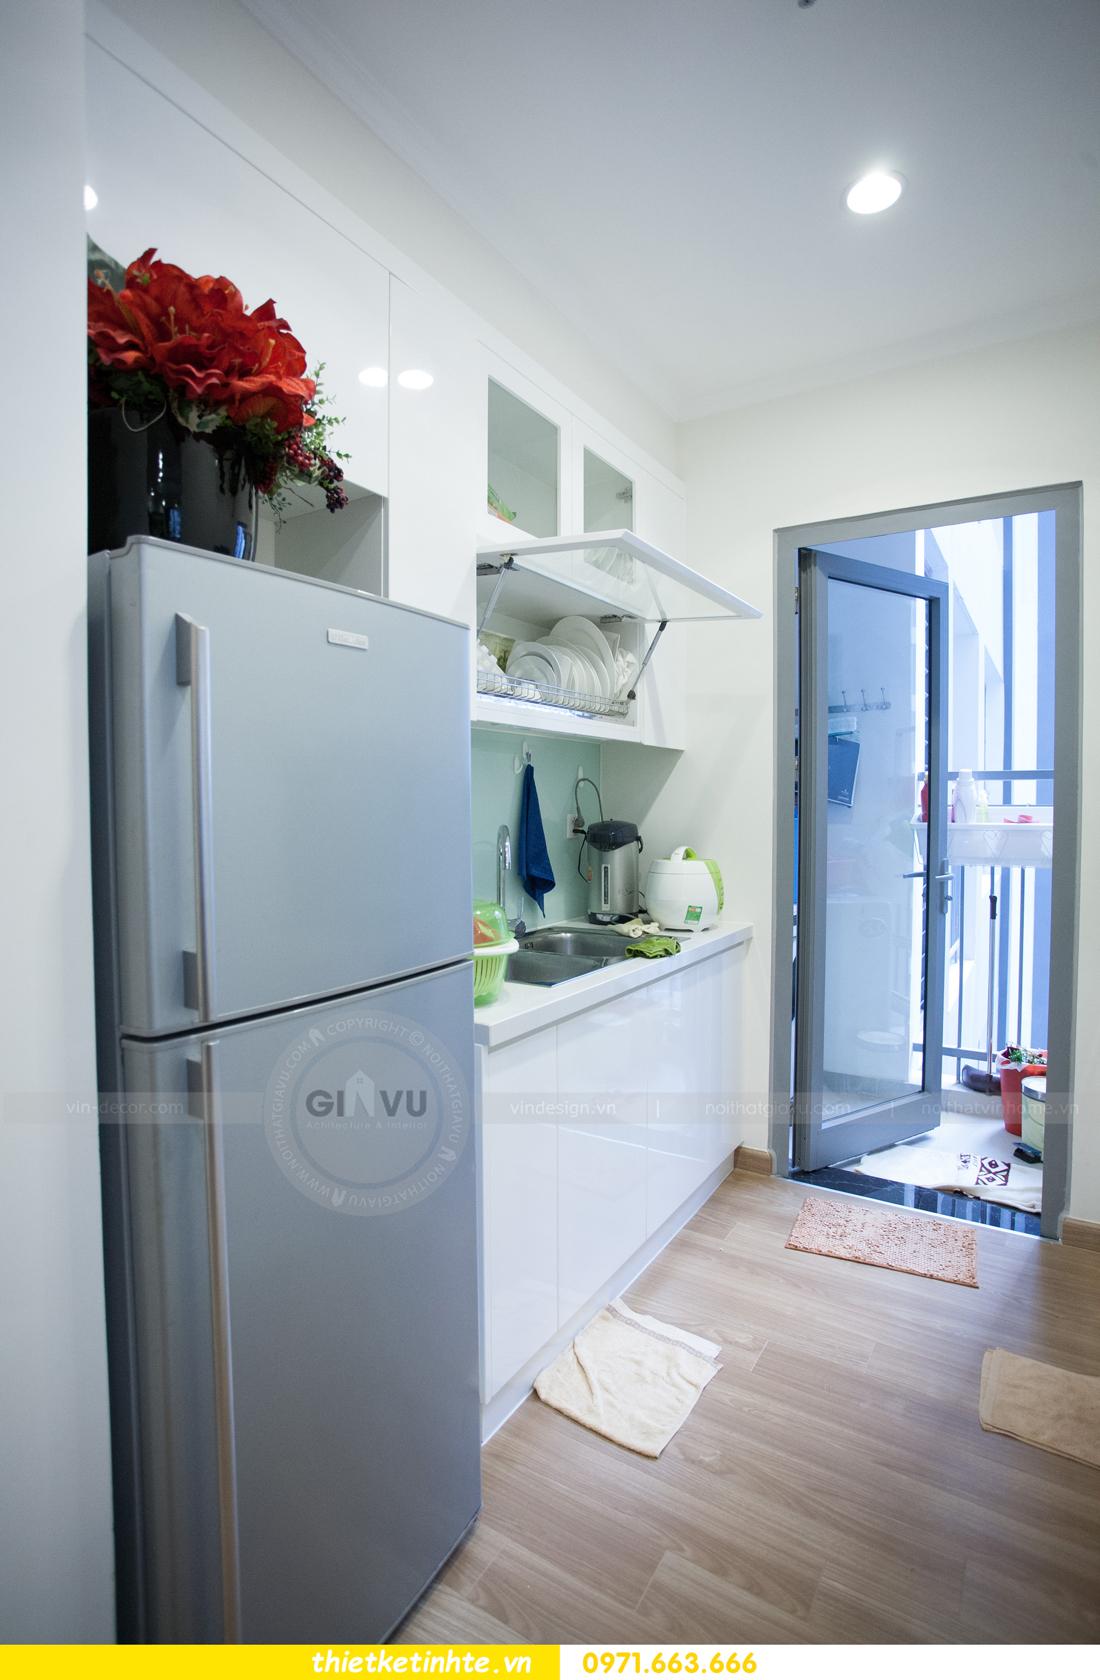 hoàn thiện nội thất chung cư Park Hill căn 2 phòng ngủ 09